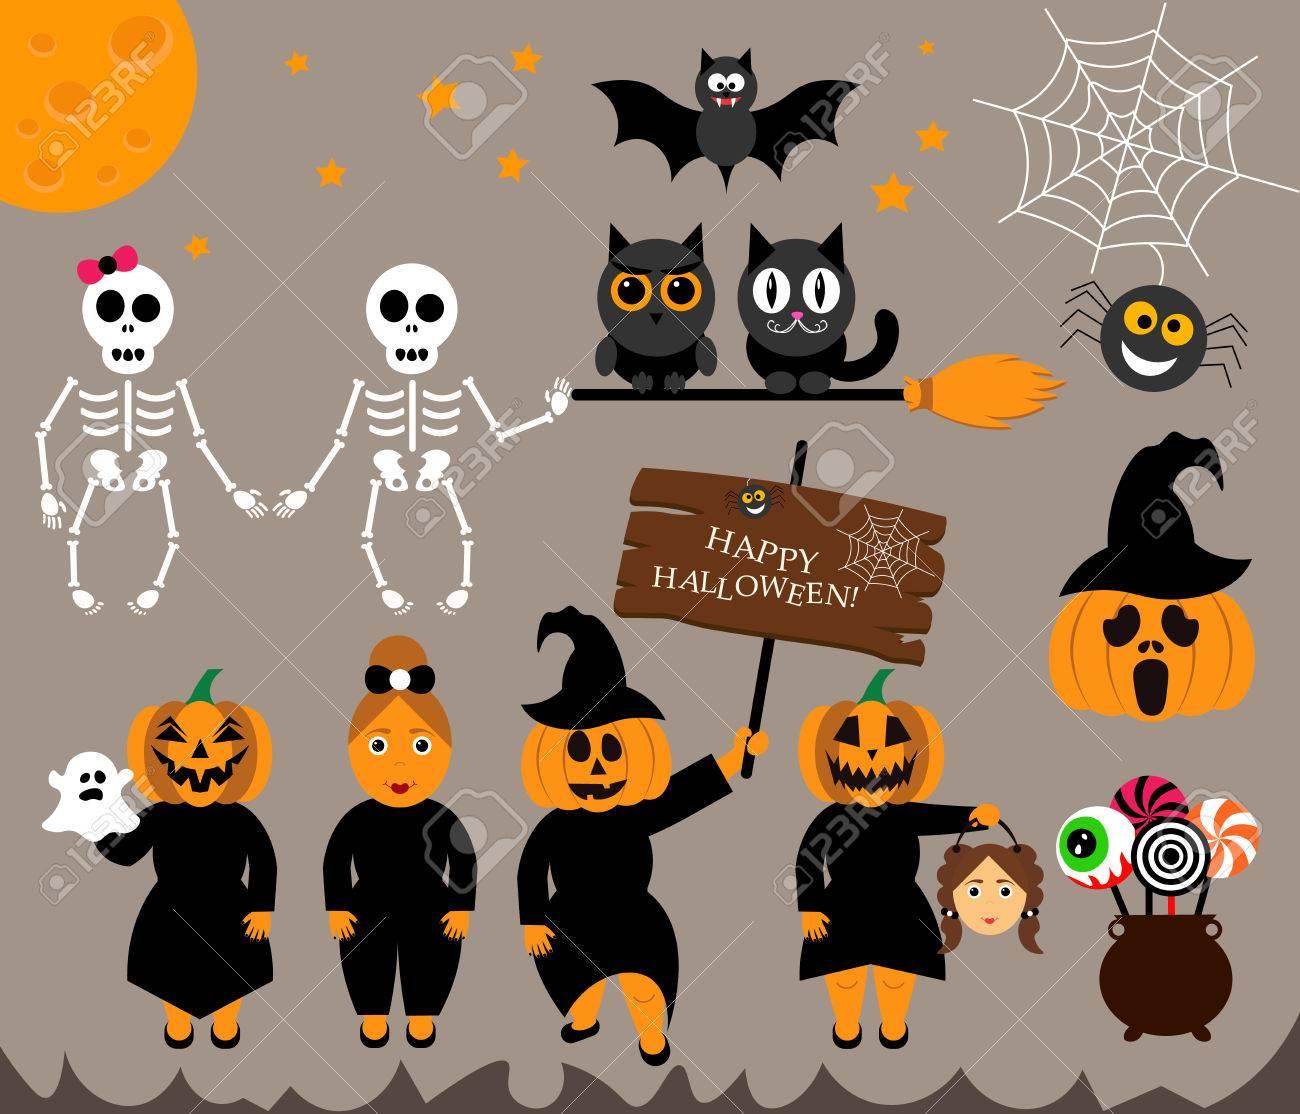 Vecteur Défini Des Personnages Pour Halloween Dans Le Style Moderne De Dessin Animé Personnes Citrouille Fantôme Bonbons Chaudron Chat Hibou